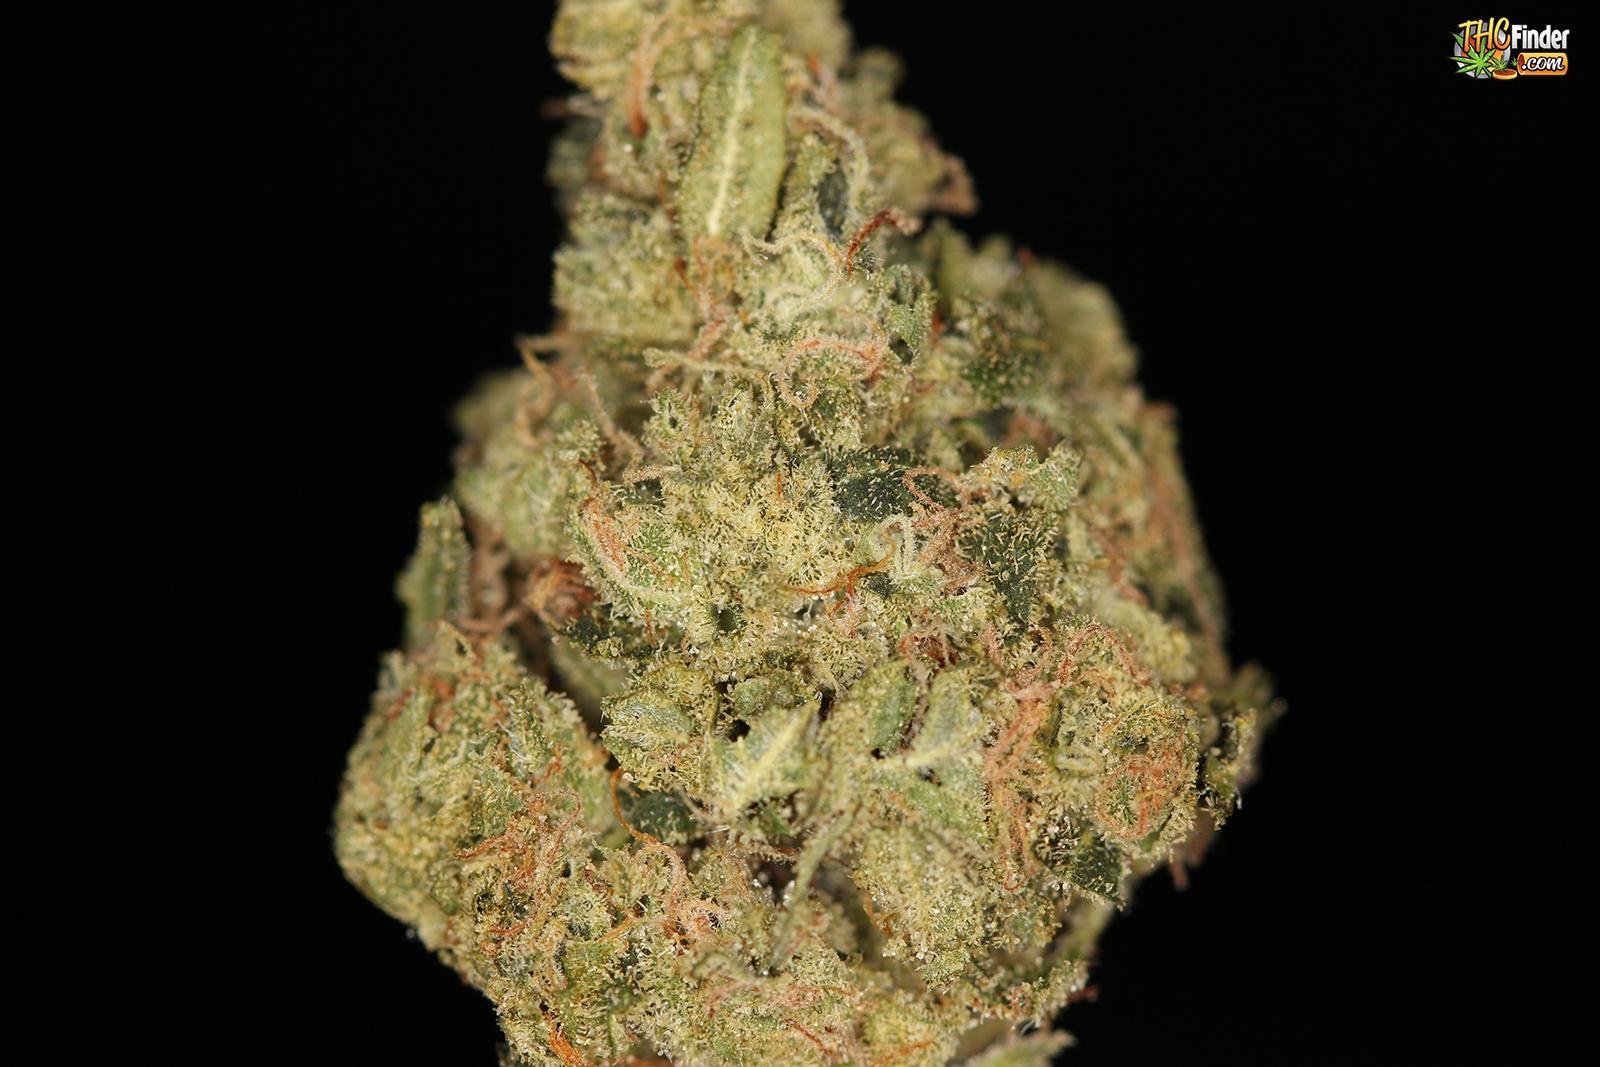 ferrari-og-weed-cannabis